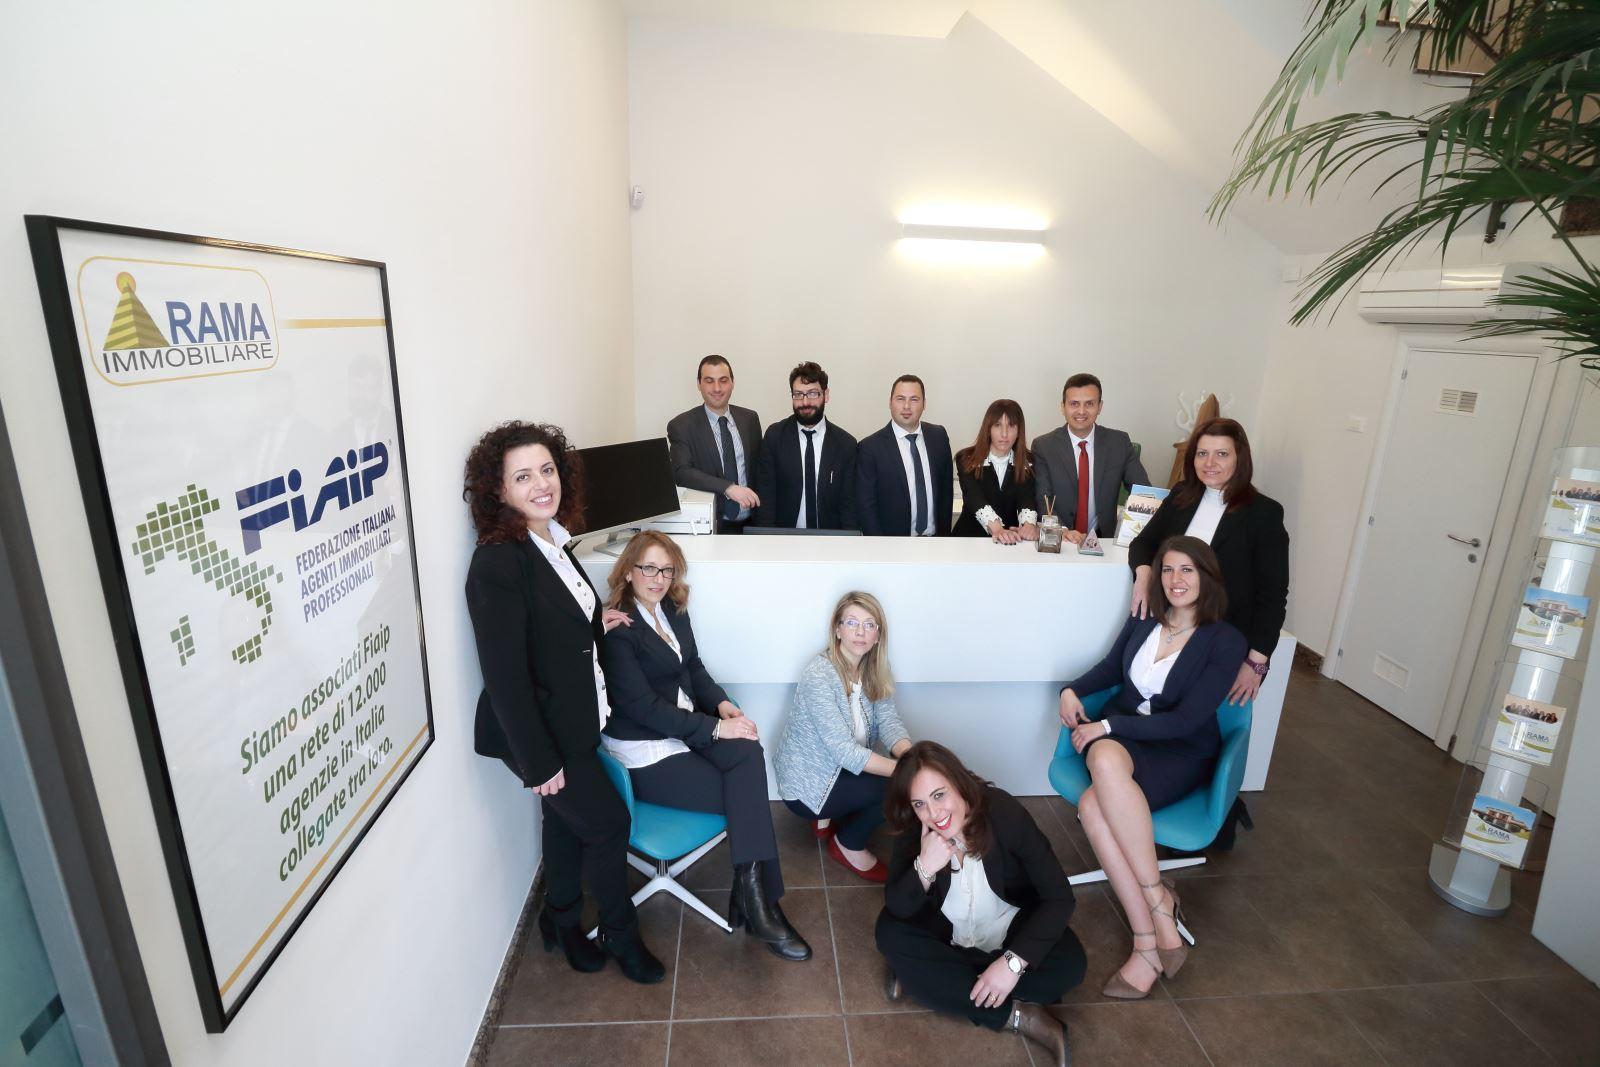 Servizi Per Agenti Immobiliari rama immobiliare la storia della nostra agenzia a catania